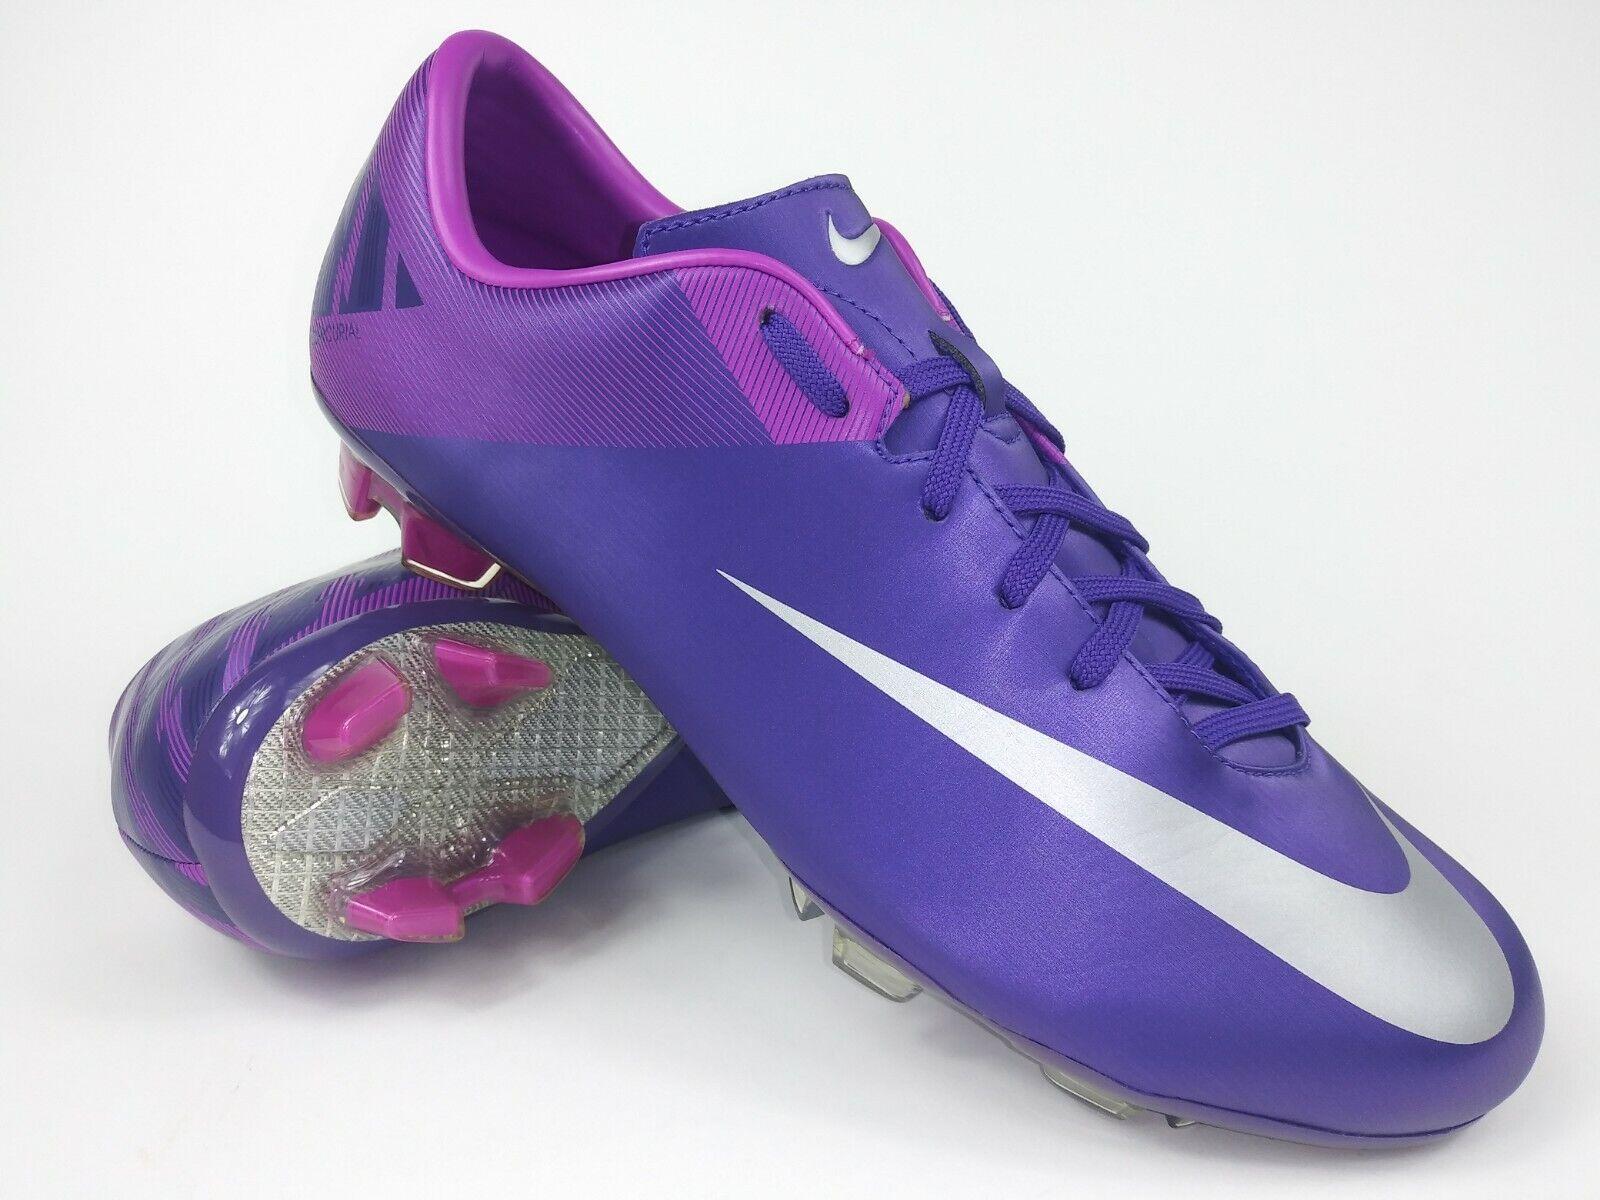 Nike Hombres Raro Mercurial Miracle Ll Fg 442047 505 Morado Fútbol Tacos botas